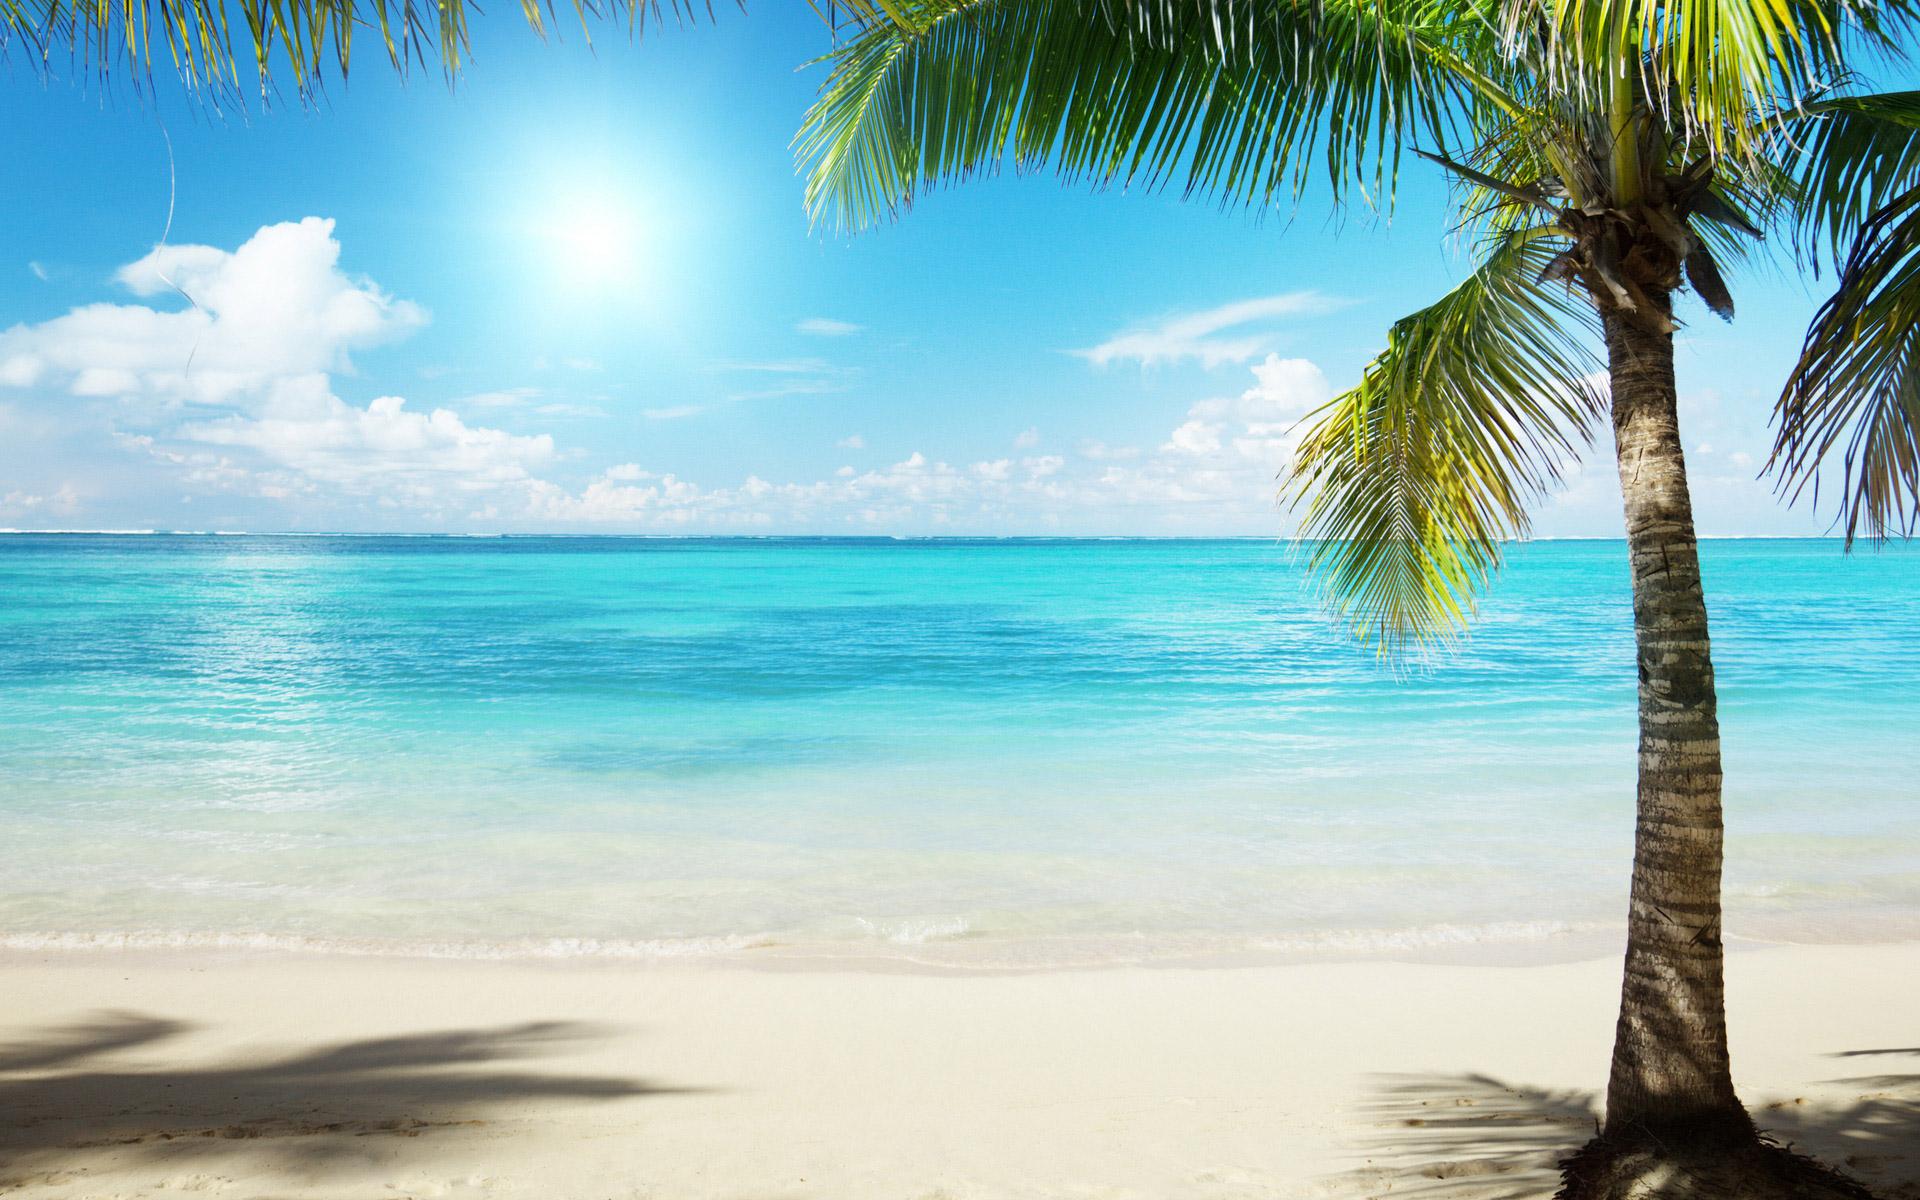 Beach HD Wallpaper 2015 for Desktop beautiful beach wallpaper 1920x1200